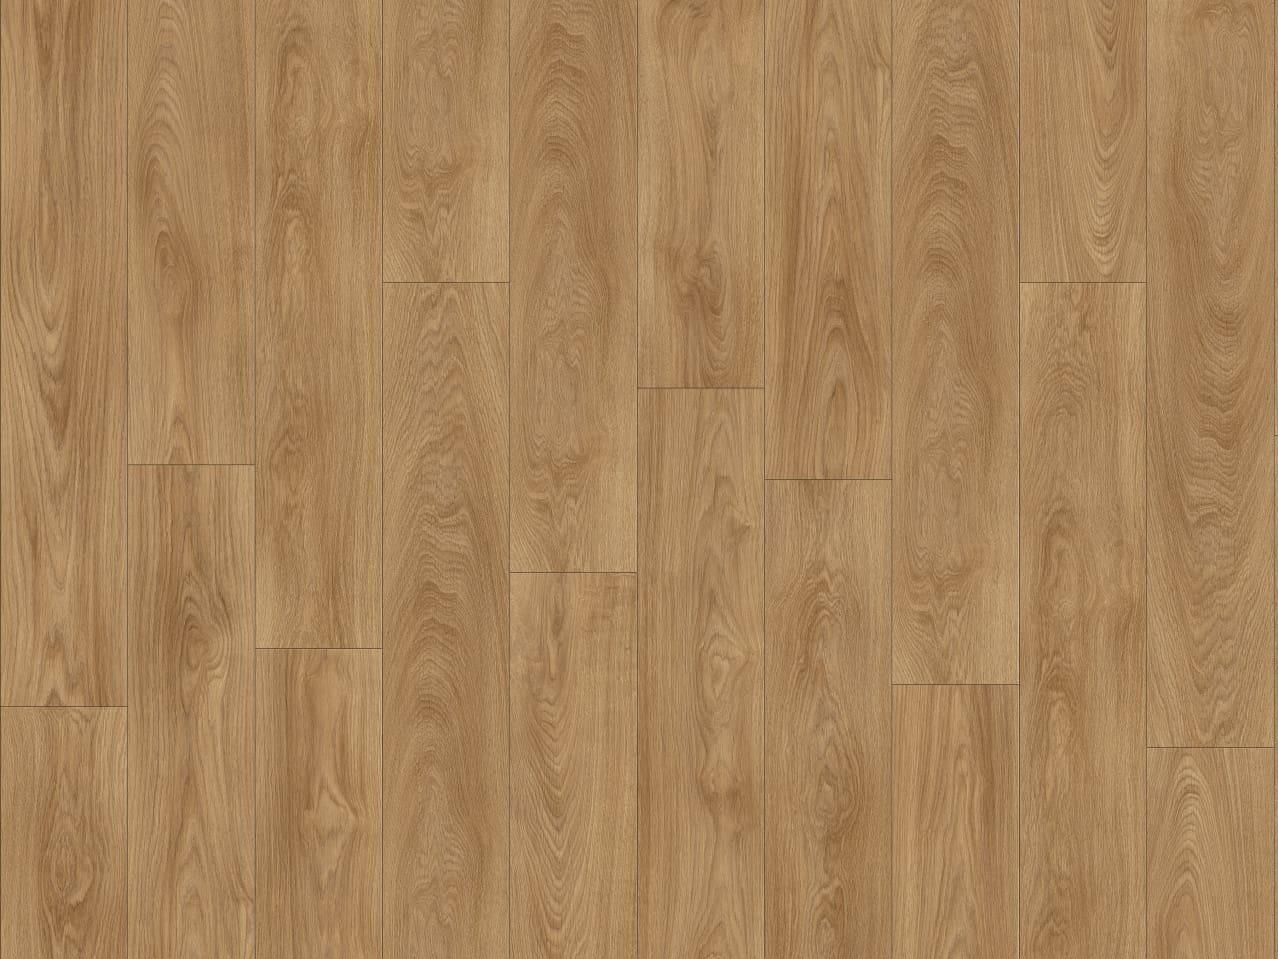 Виниловый ламинат Moduleo - Impress Laurel Oak (51822)